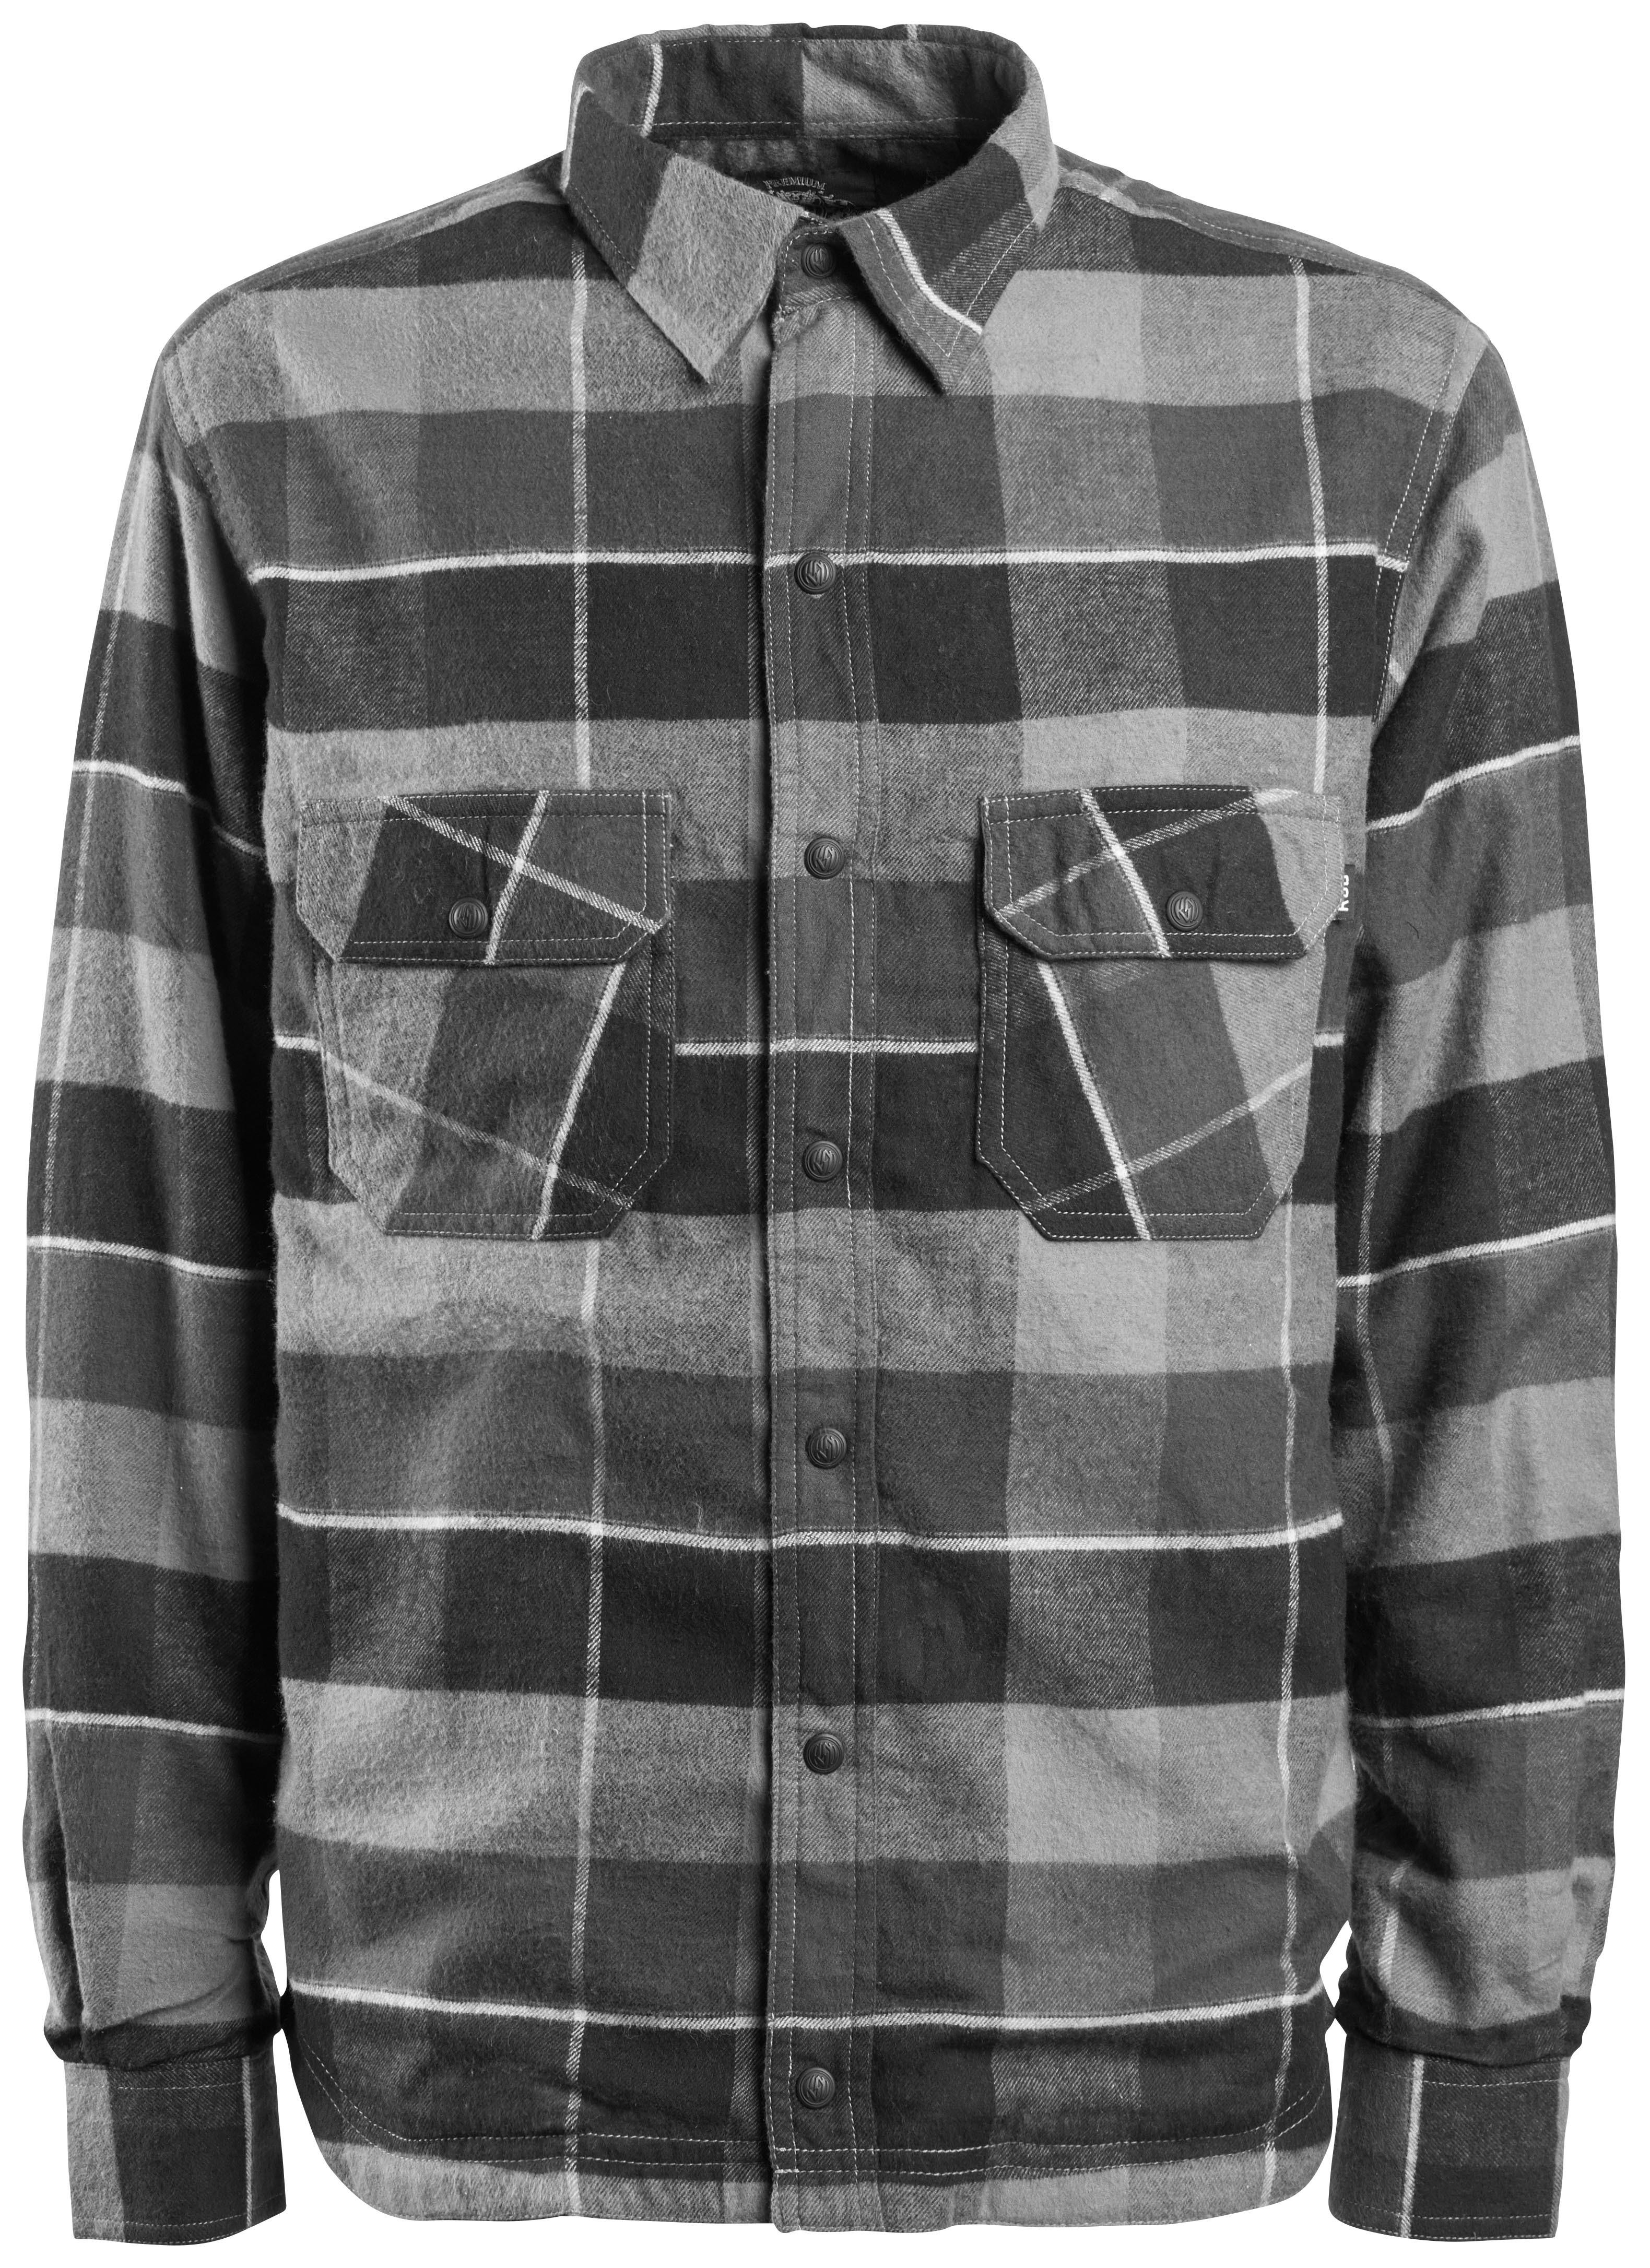 Full Face Cruiser Helmets >> Roland Sands Gorman Flannel Shirt - RevZilla